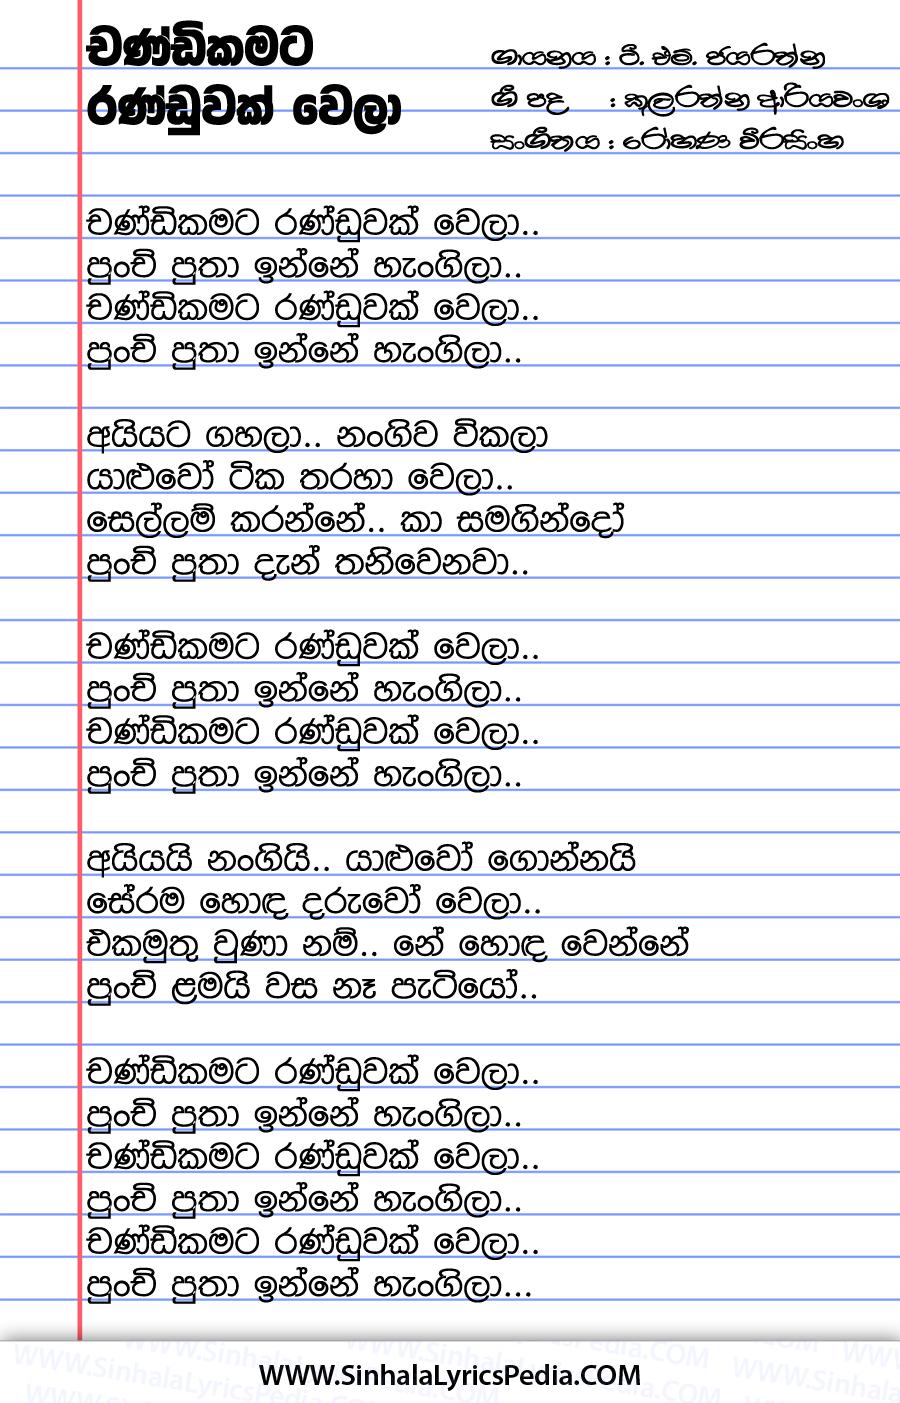 Chandikamata Randuwak Wela Song Lyrics